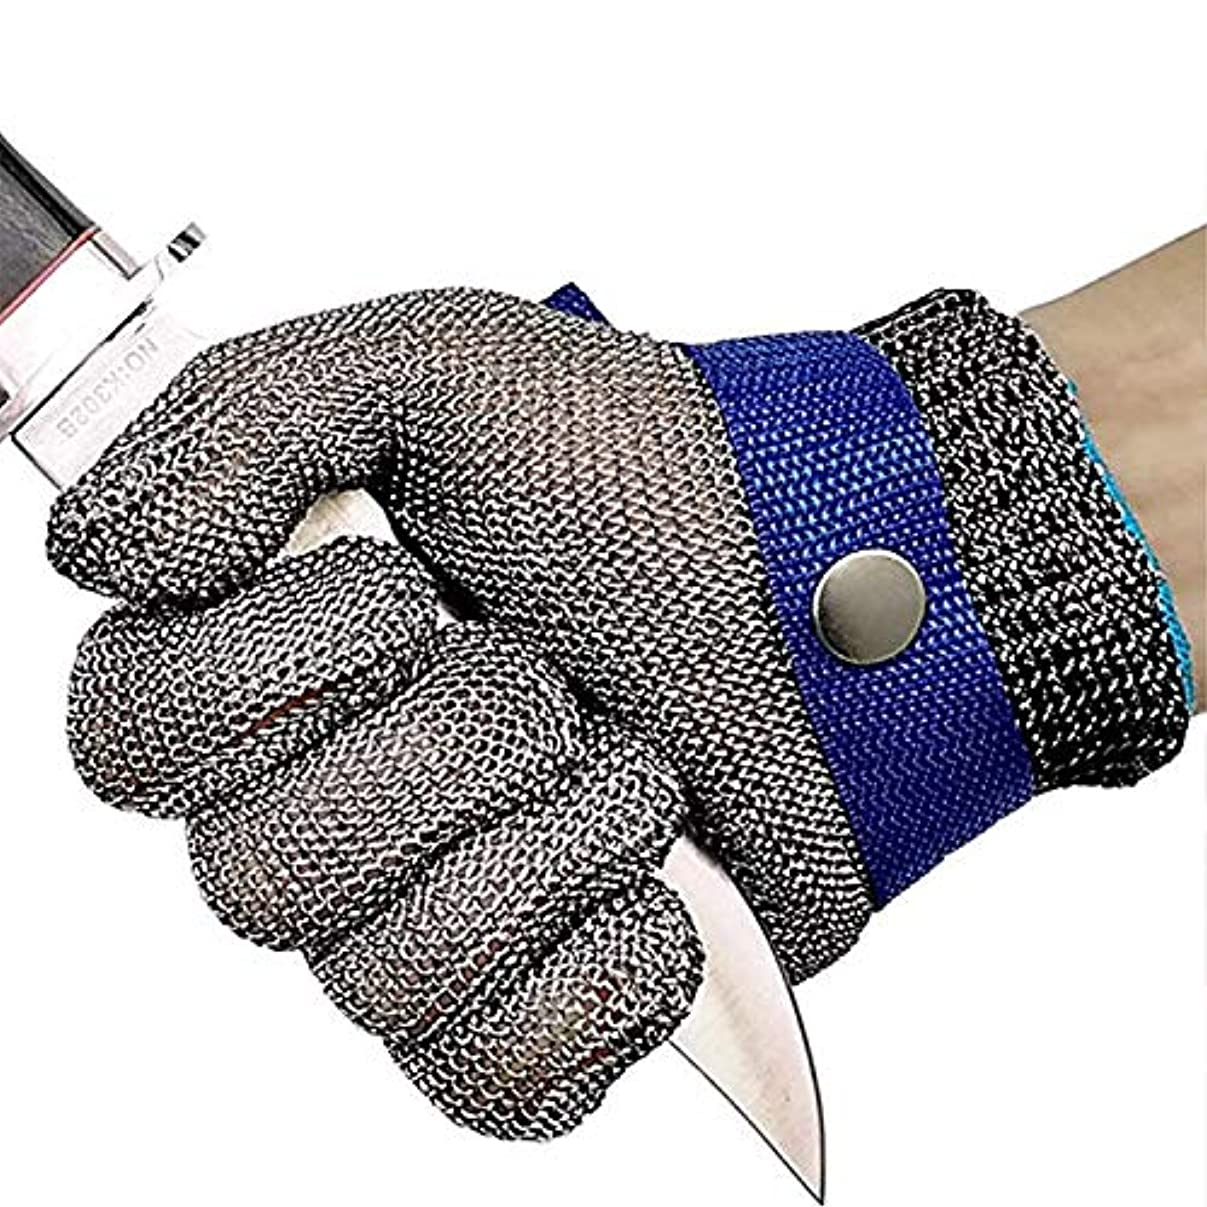 防ぐシンボルティーンエイジャー切削用耐切断性手袋ステンレス鋼線メタルメッシュブッチャー安全作業手袋、スライスチョッピングとピーリング,L